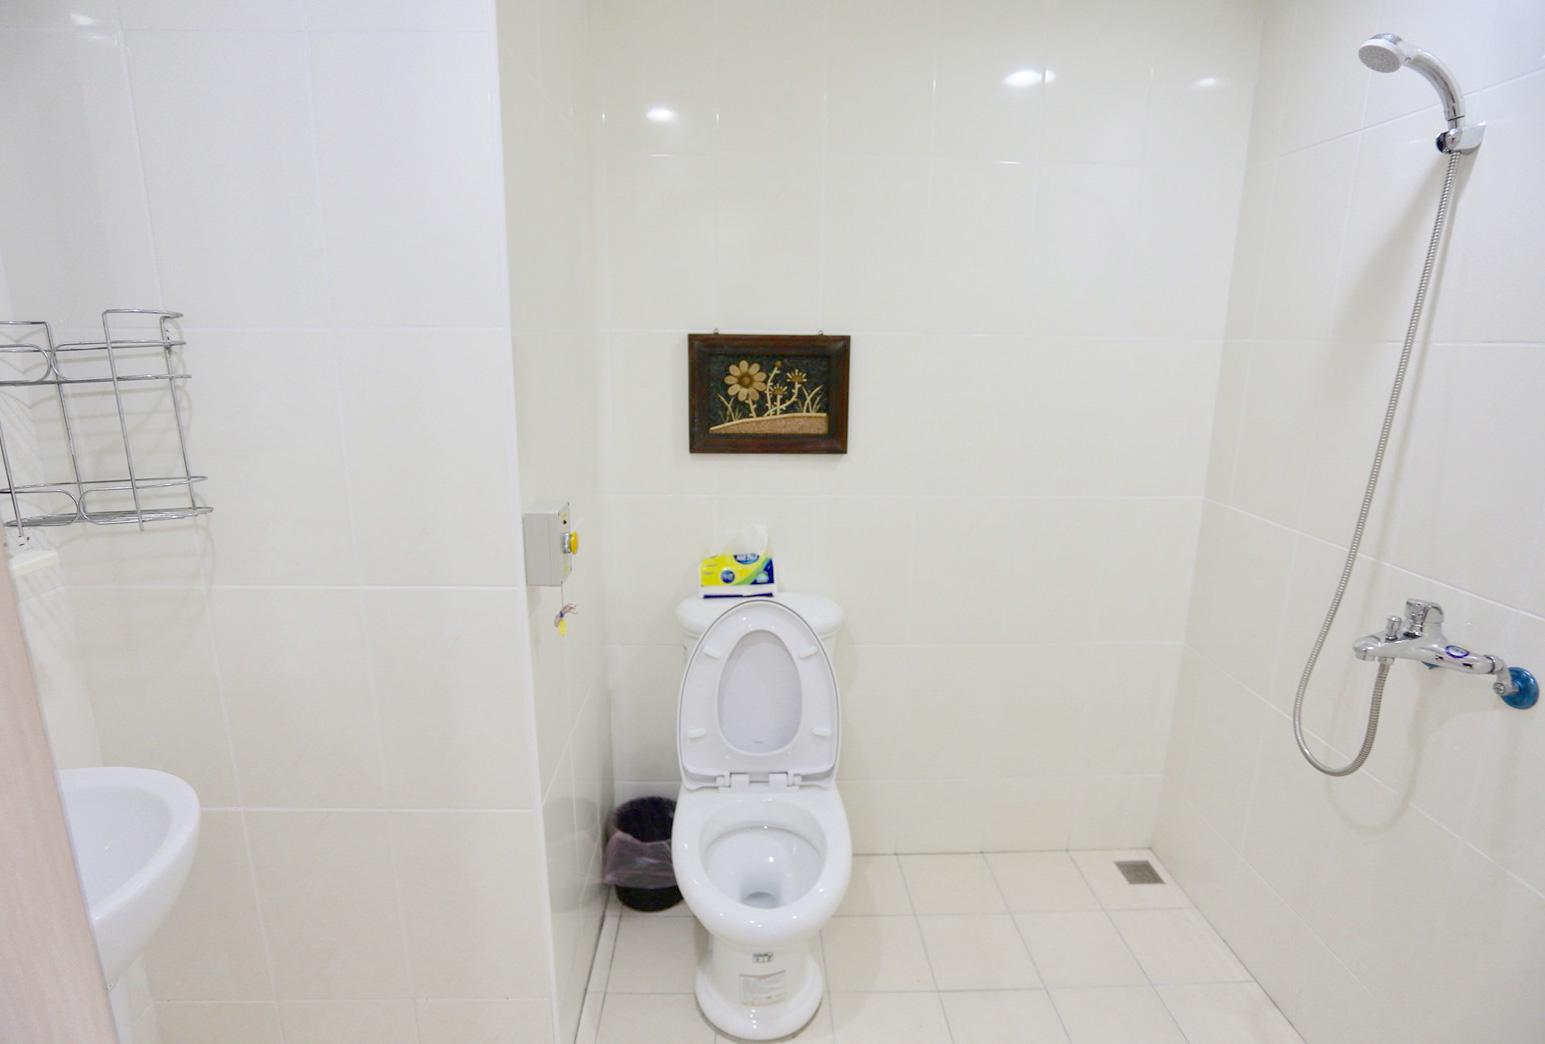 新北市私立尚樂老人長期照顧中心(養護型)-浴室